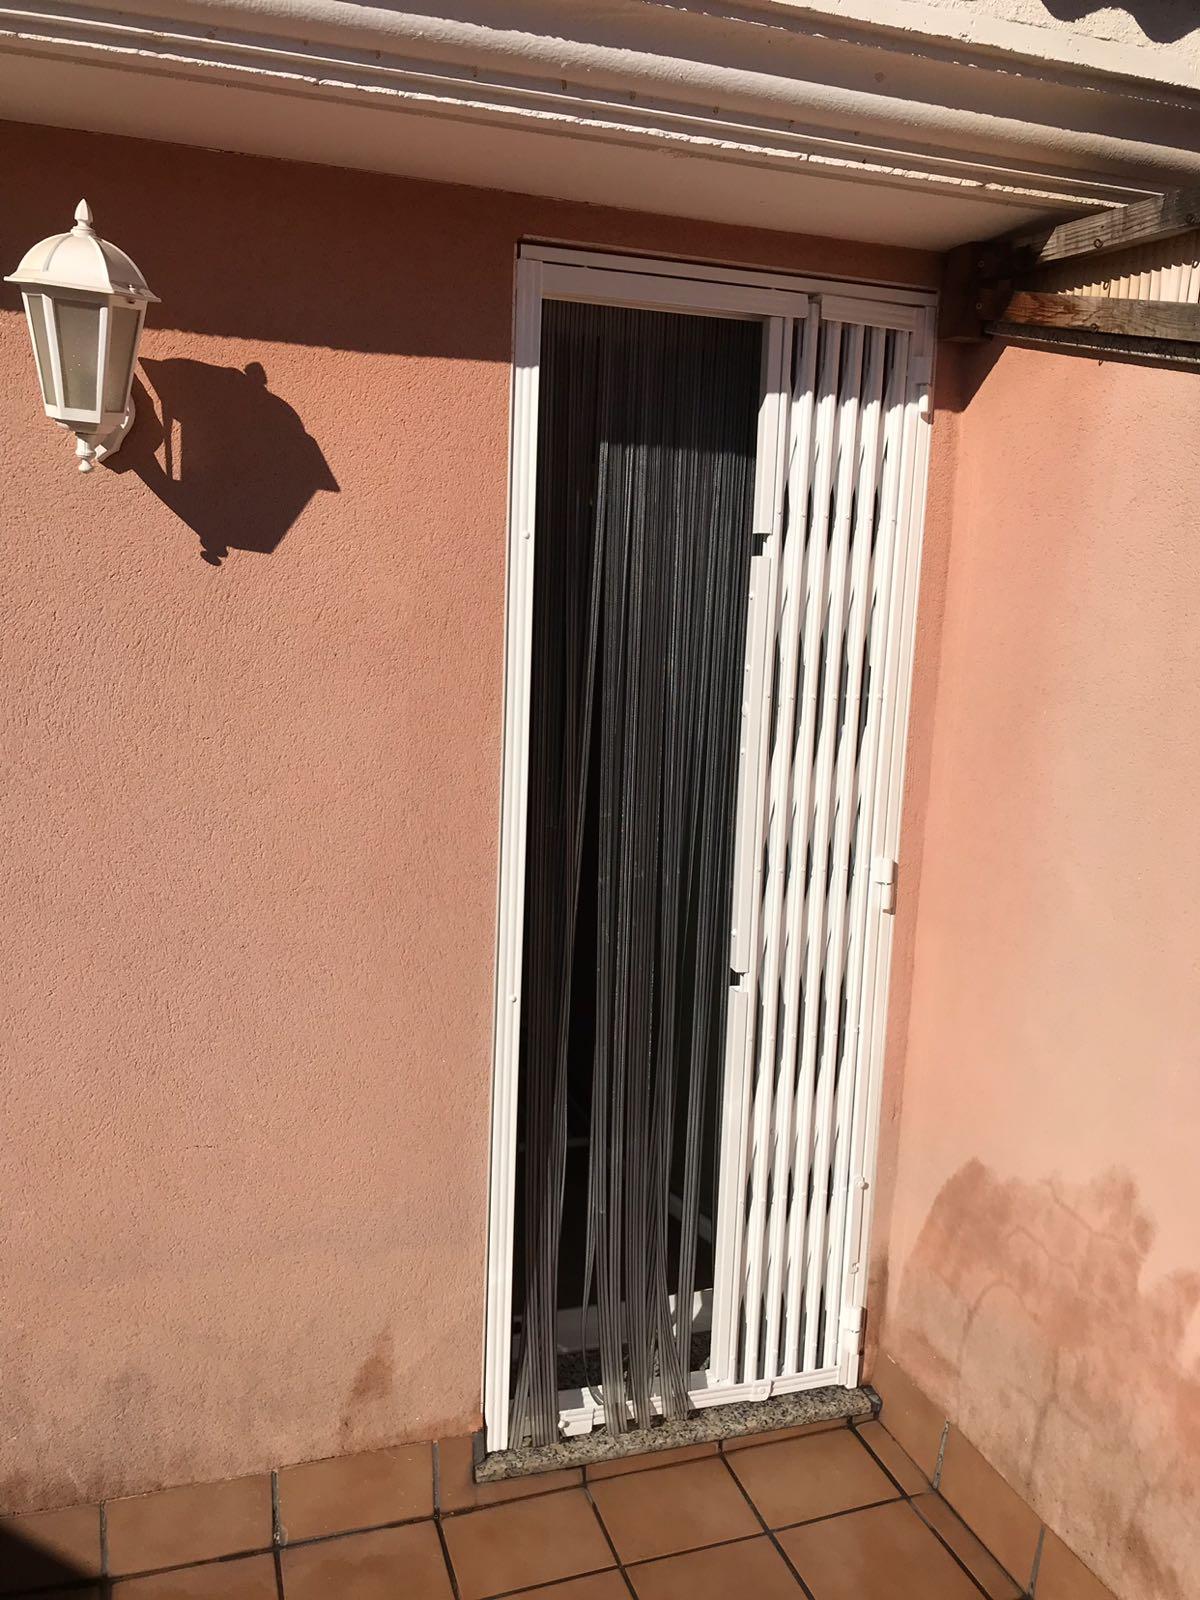 Rejas de ballesta puerta terraza rejas y ballestas - Puerta terraza ...